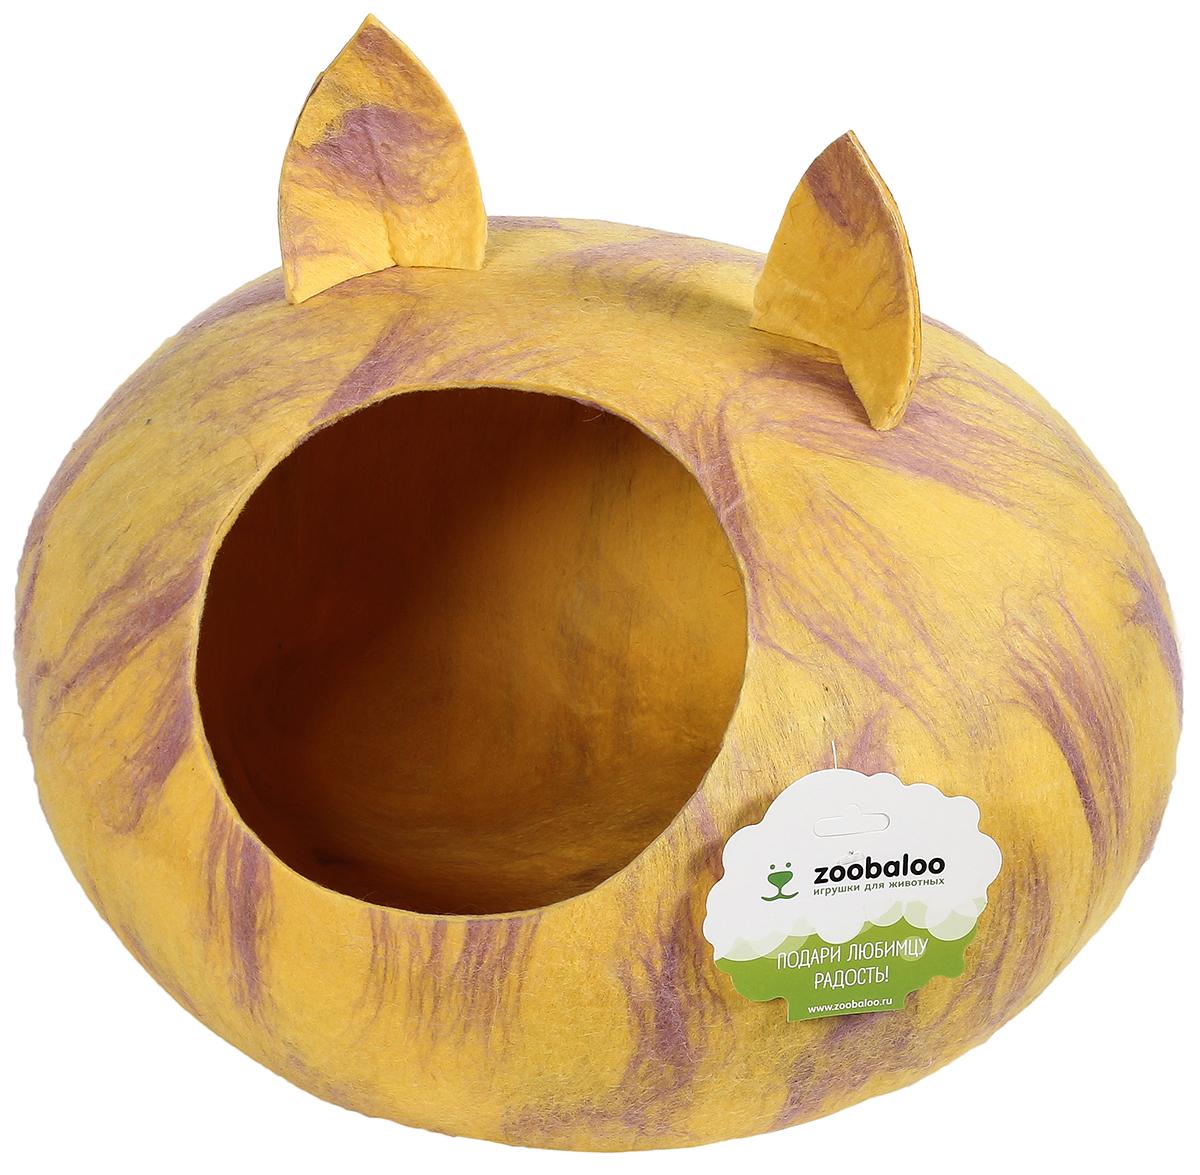 Домик-слипер для животных Zoobaloo WoolPetHouse, с ушками, цвет: мультиколор, желтый, размер L971Домик-слипер Zoobaloo WoolPetHouse предназначен для отдыха и сна питомца. Домик изготовлен из 100% шерсти мериноса. Шерсть мериноса обеспечит превосходный микроклимат внутри домика, а его форма позволит питомцу засыпать в самой естественной позе.